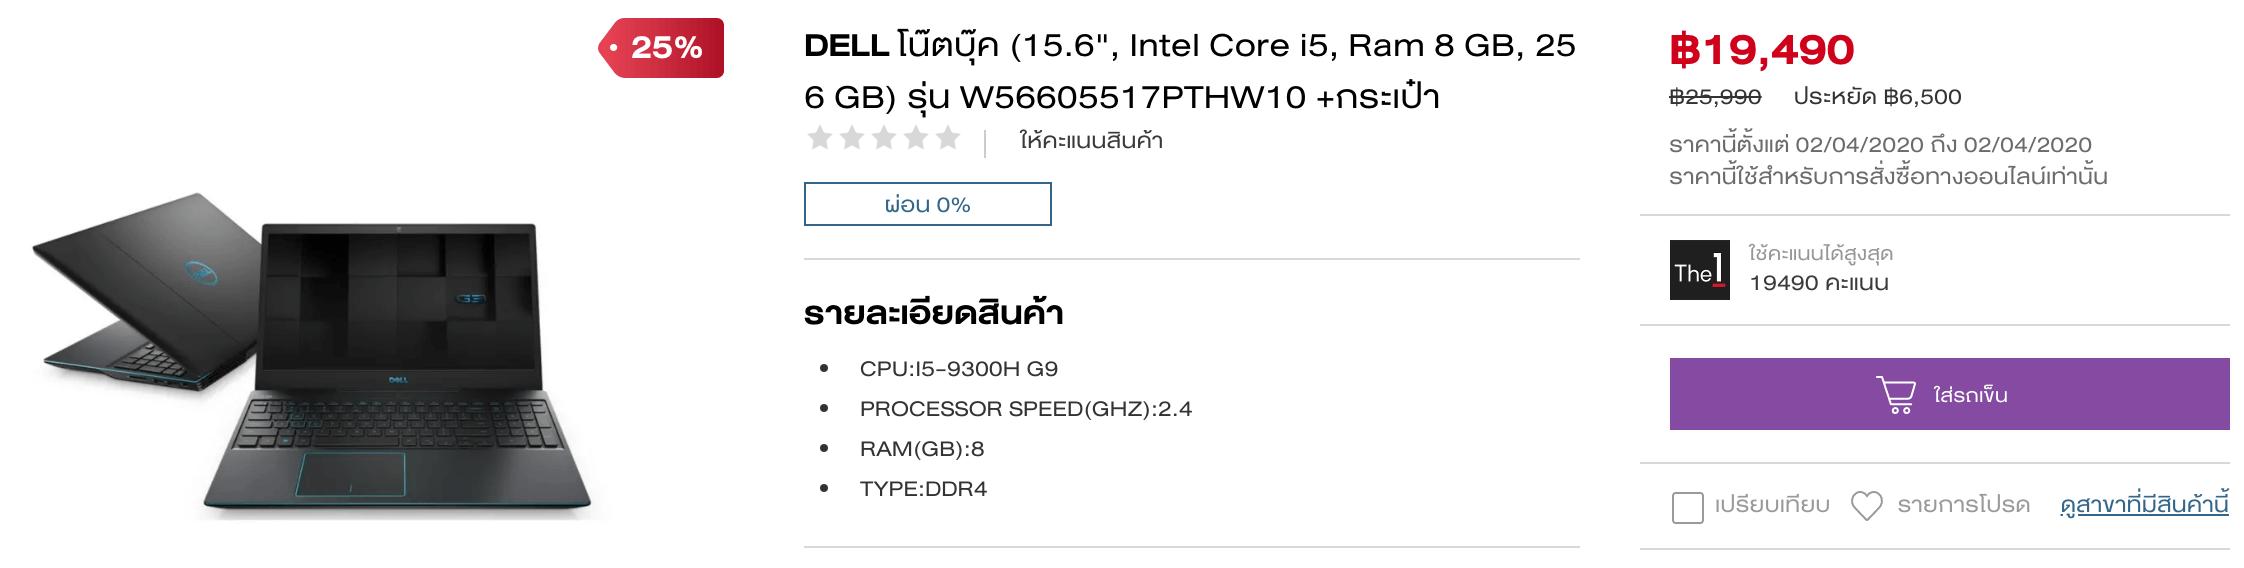 W56605517PTHW10